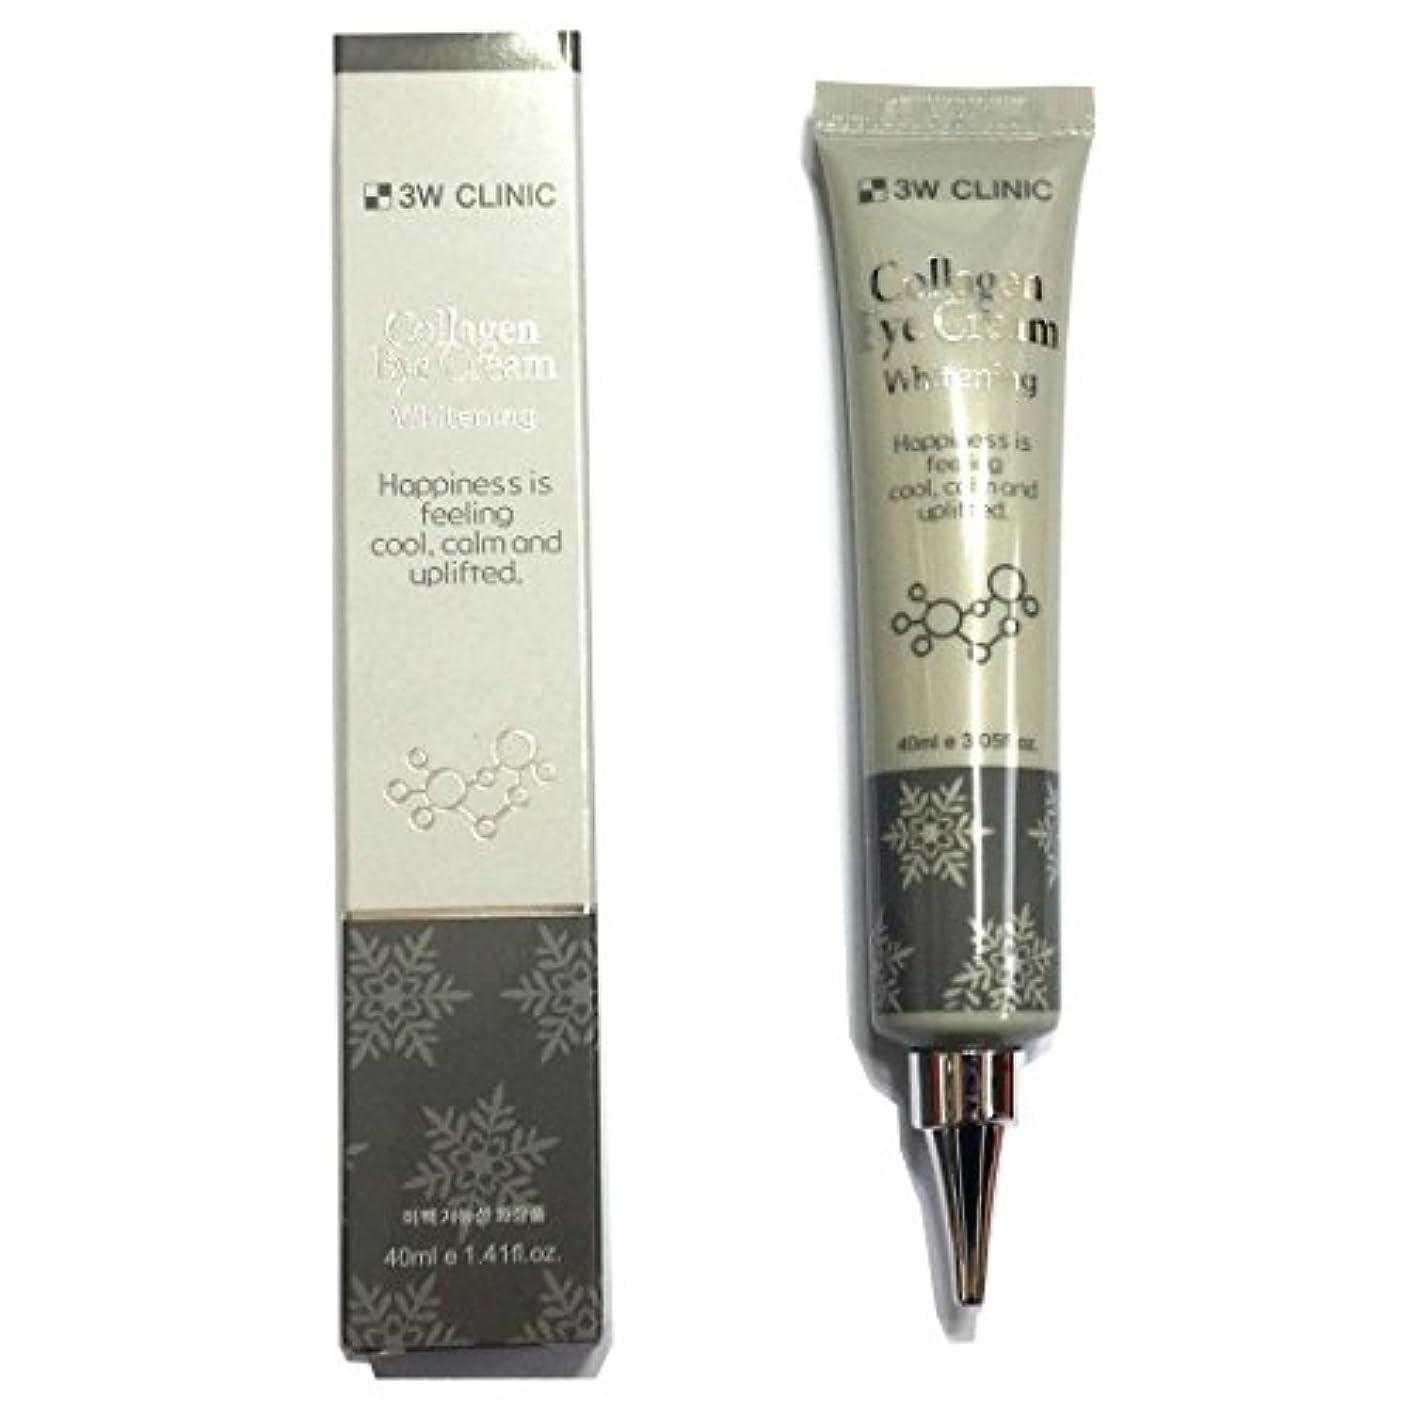 習字ばか機関[3W CLINIC] コラーゲンアイクリームホワイトニング40ml X 1ea / Collagen Eye Cream Whitening 40ml X 1ea / しっとりしっとり / Anti wrinkles,...